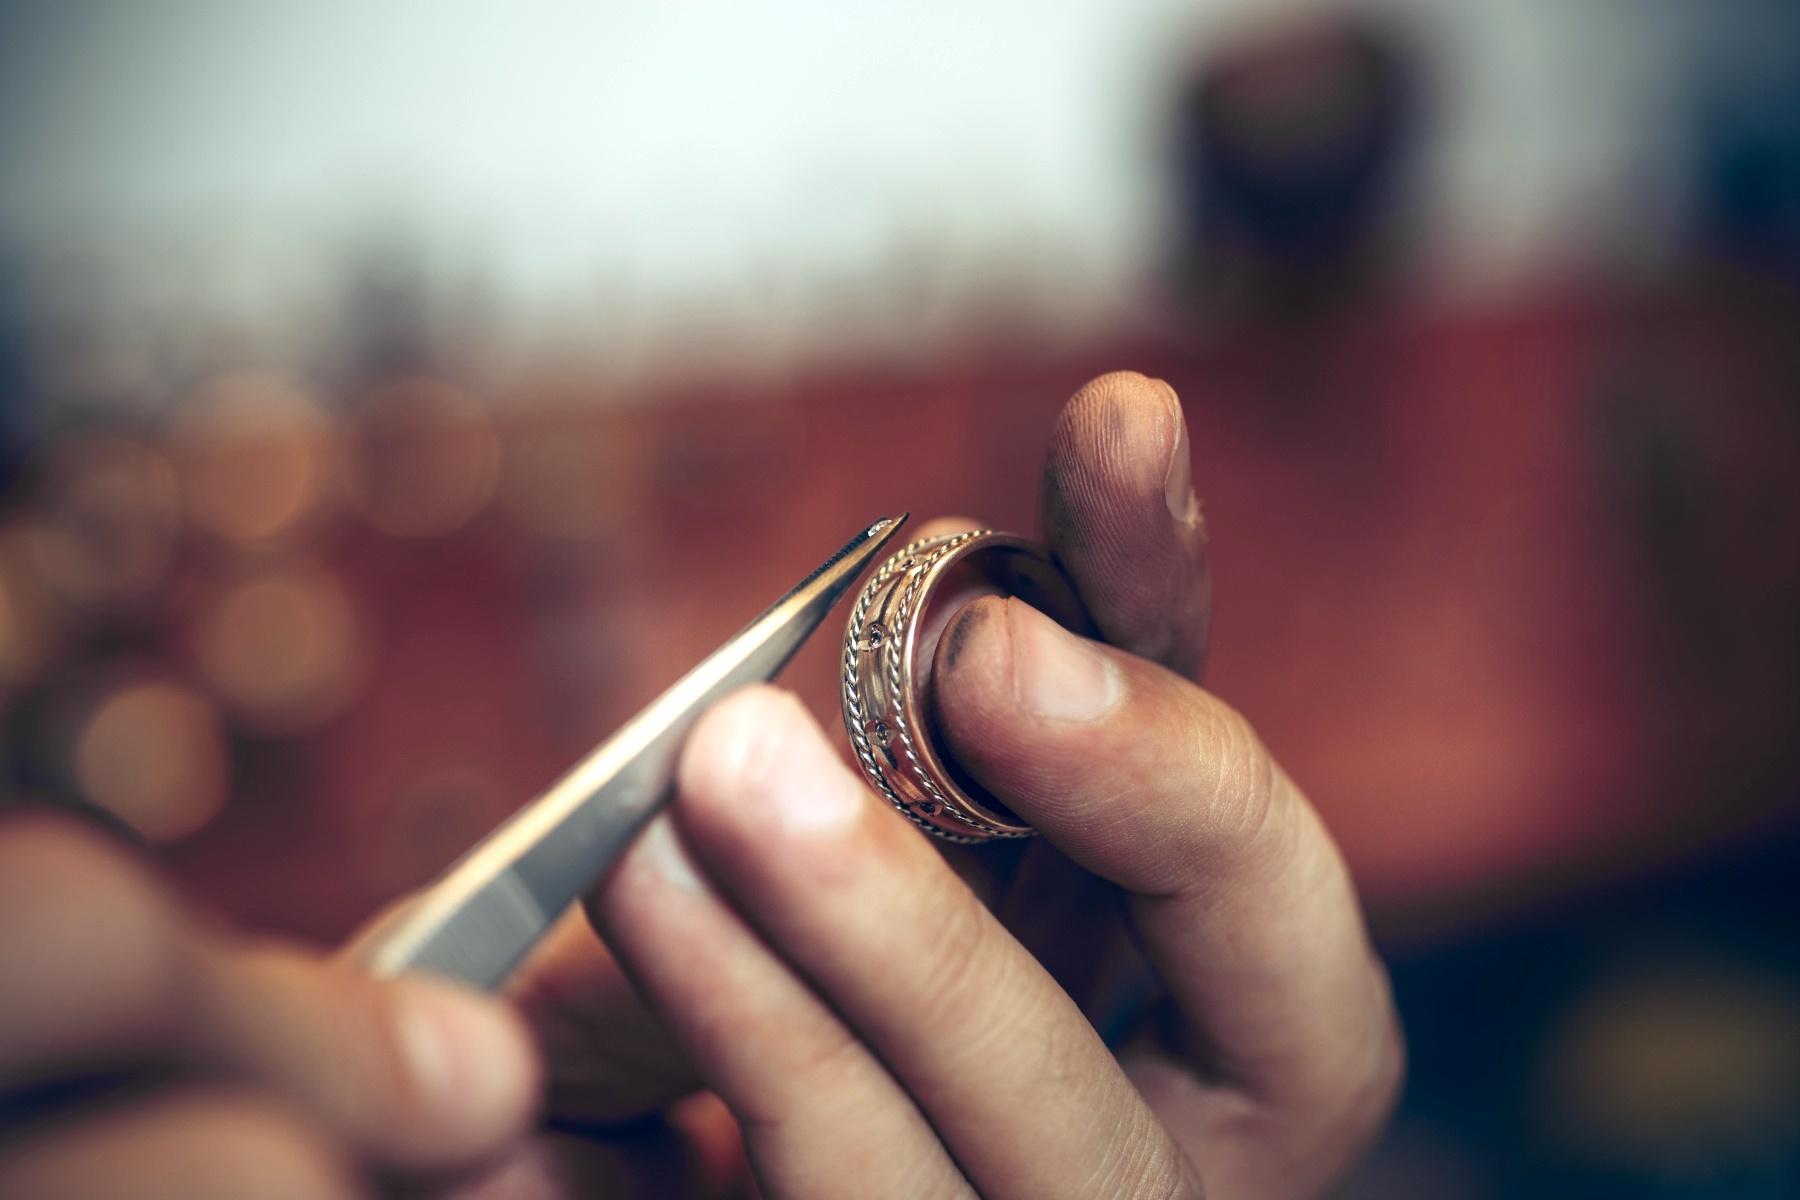 【台南金工課程推薦】一日金工手作戒指體驗,6間台南金工DIY工作室評比